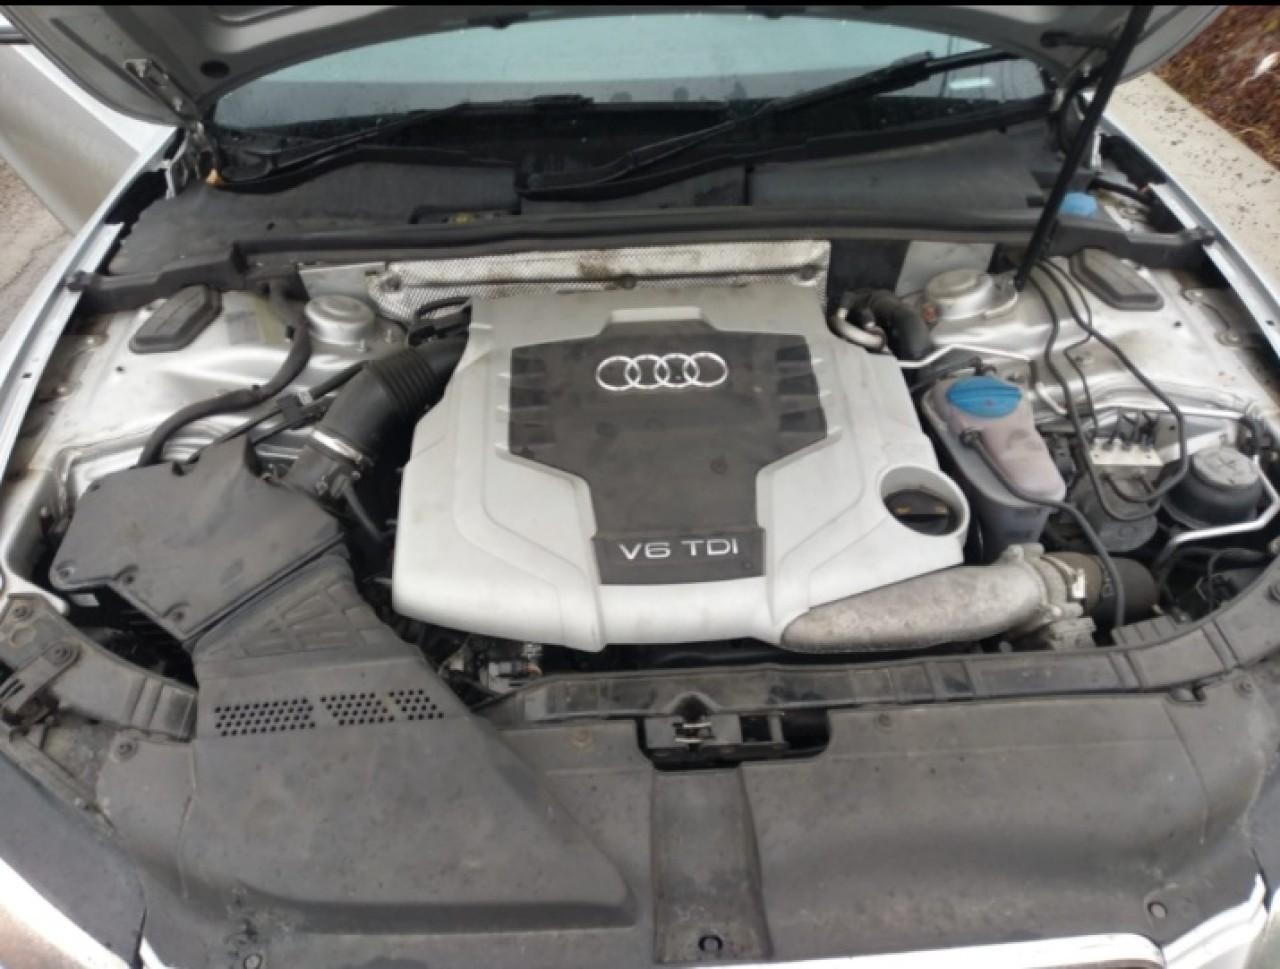 Injectoare Motor 2.7TDI 190 CP CAMA cgka Audi A5 A4 B8 dezmembrez 2008